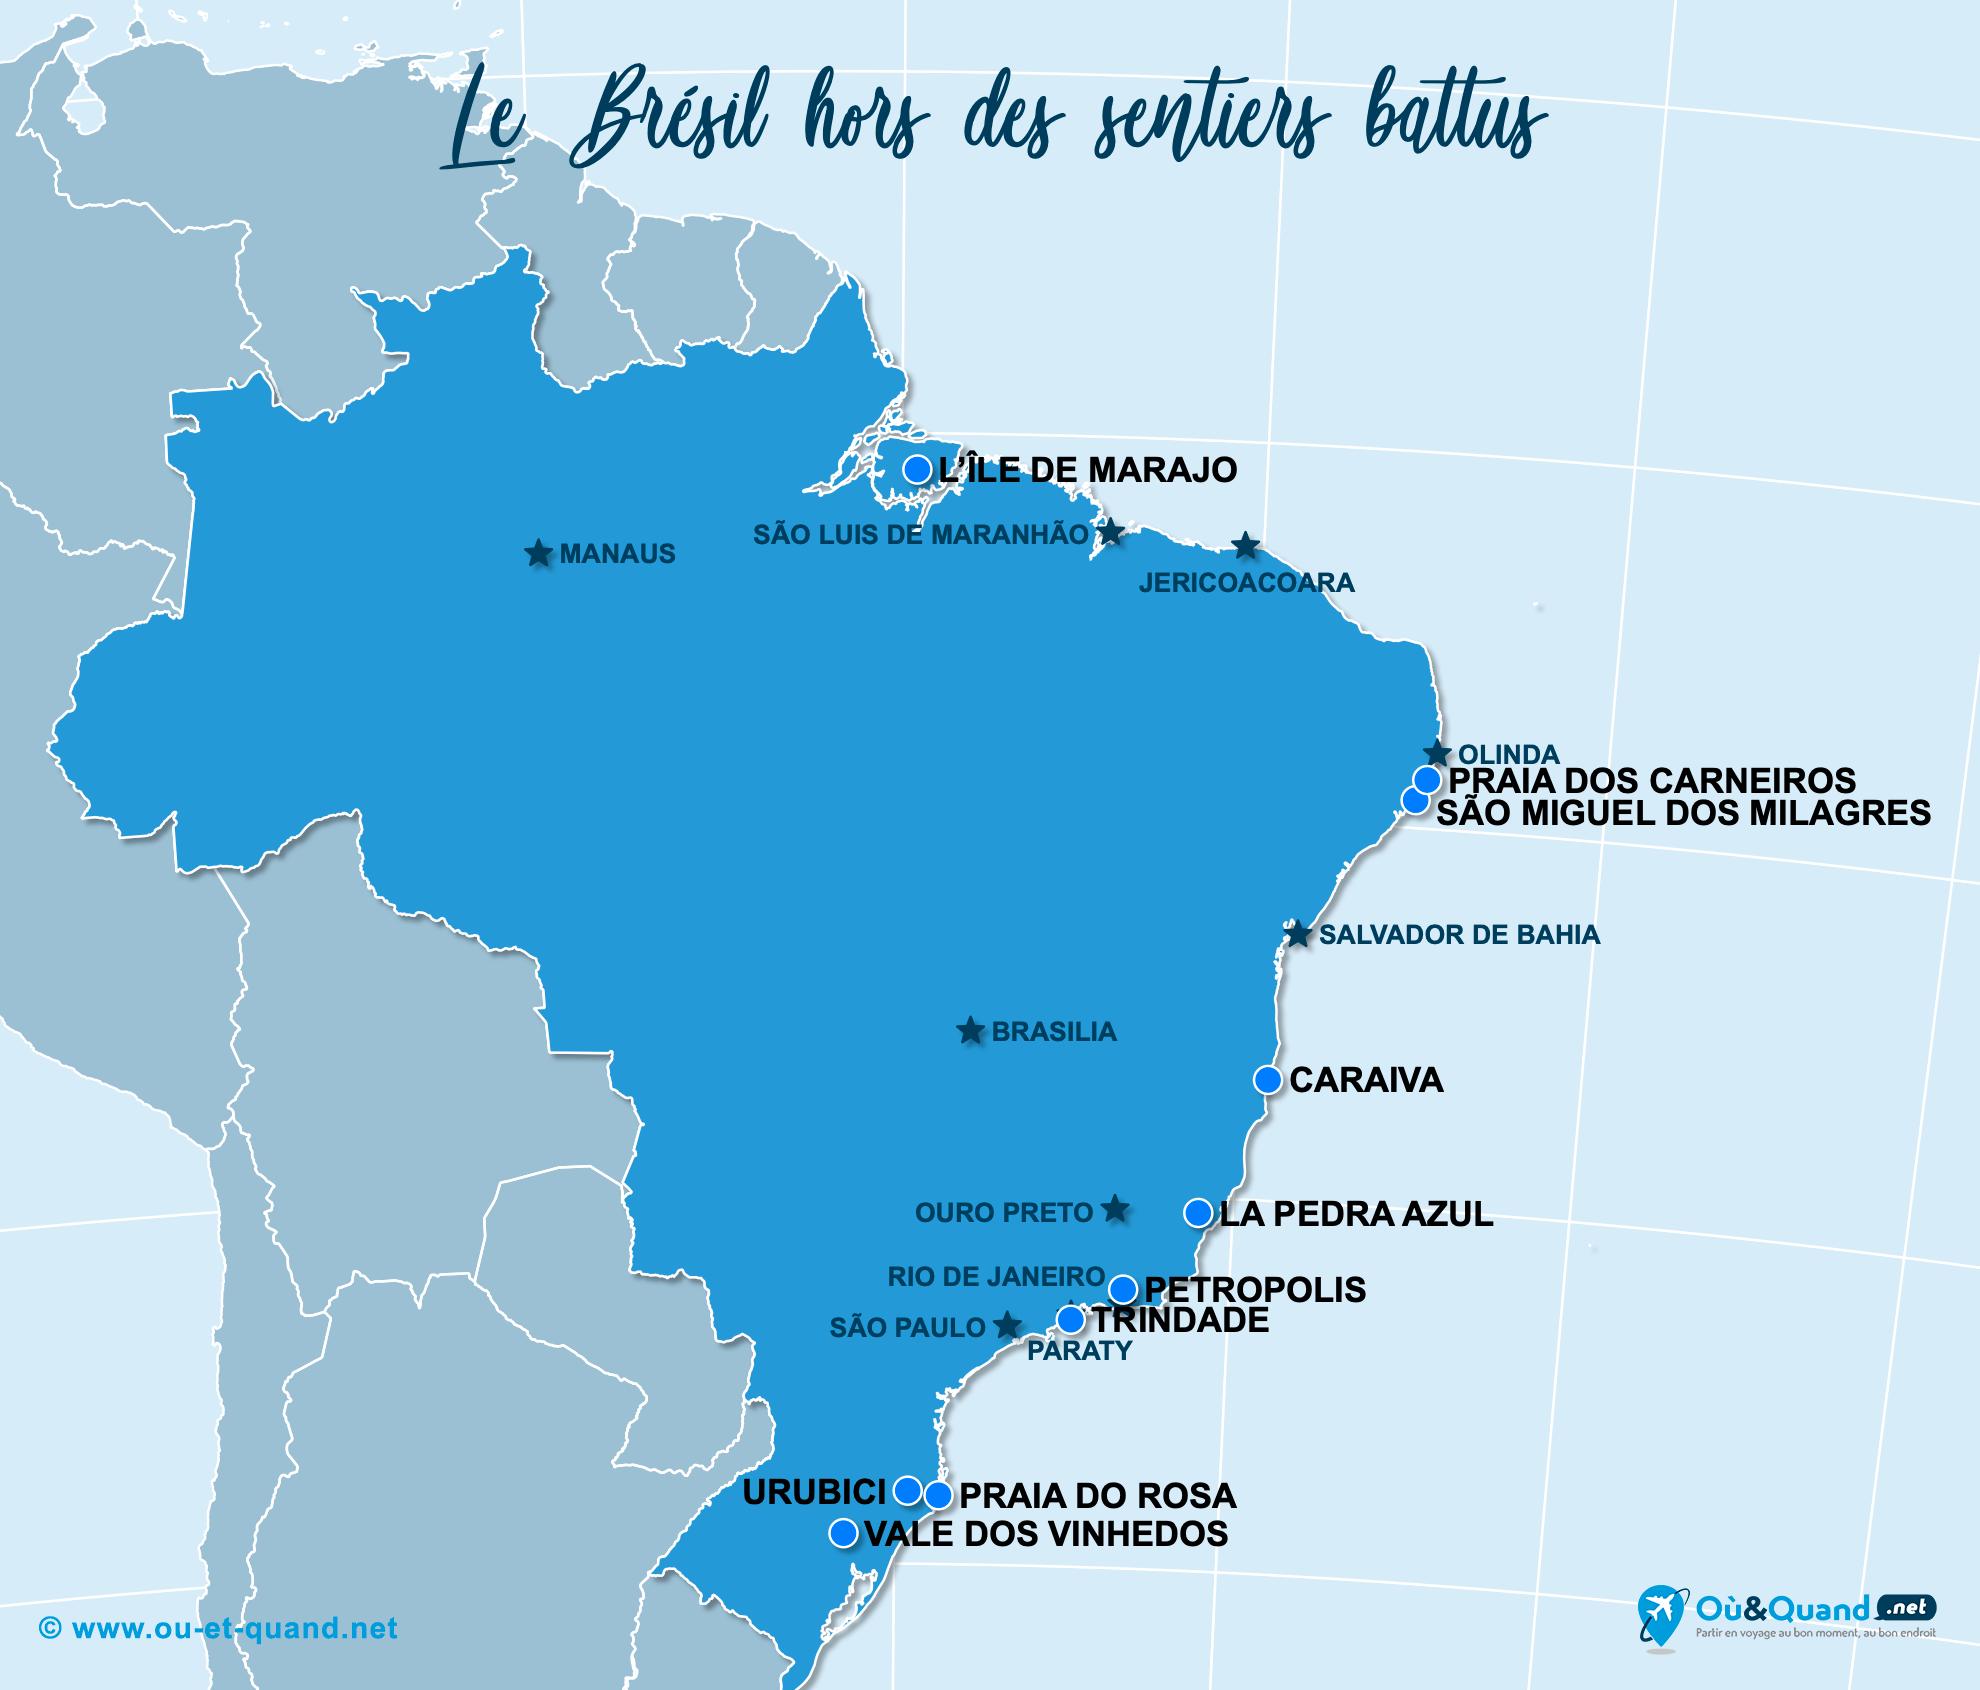 Carte Brésil : Le Brésil hors des sentiers battus